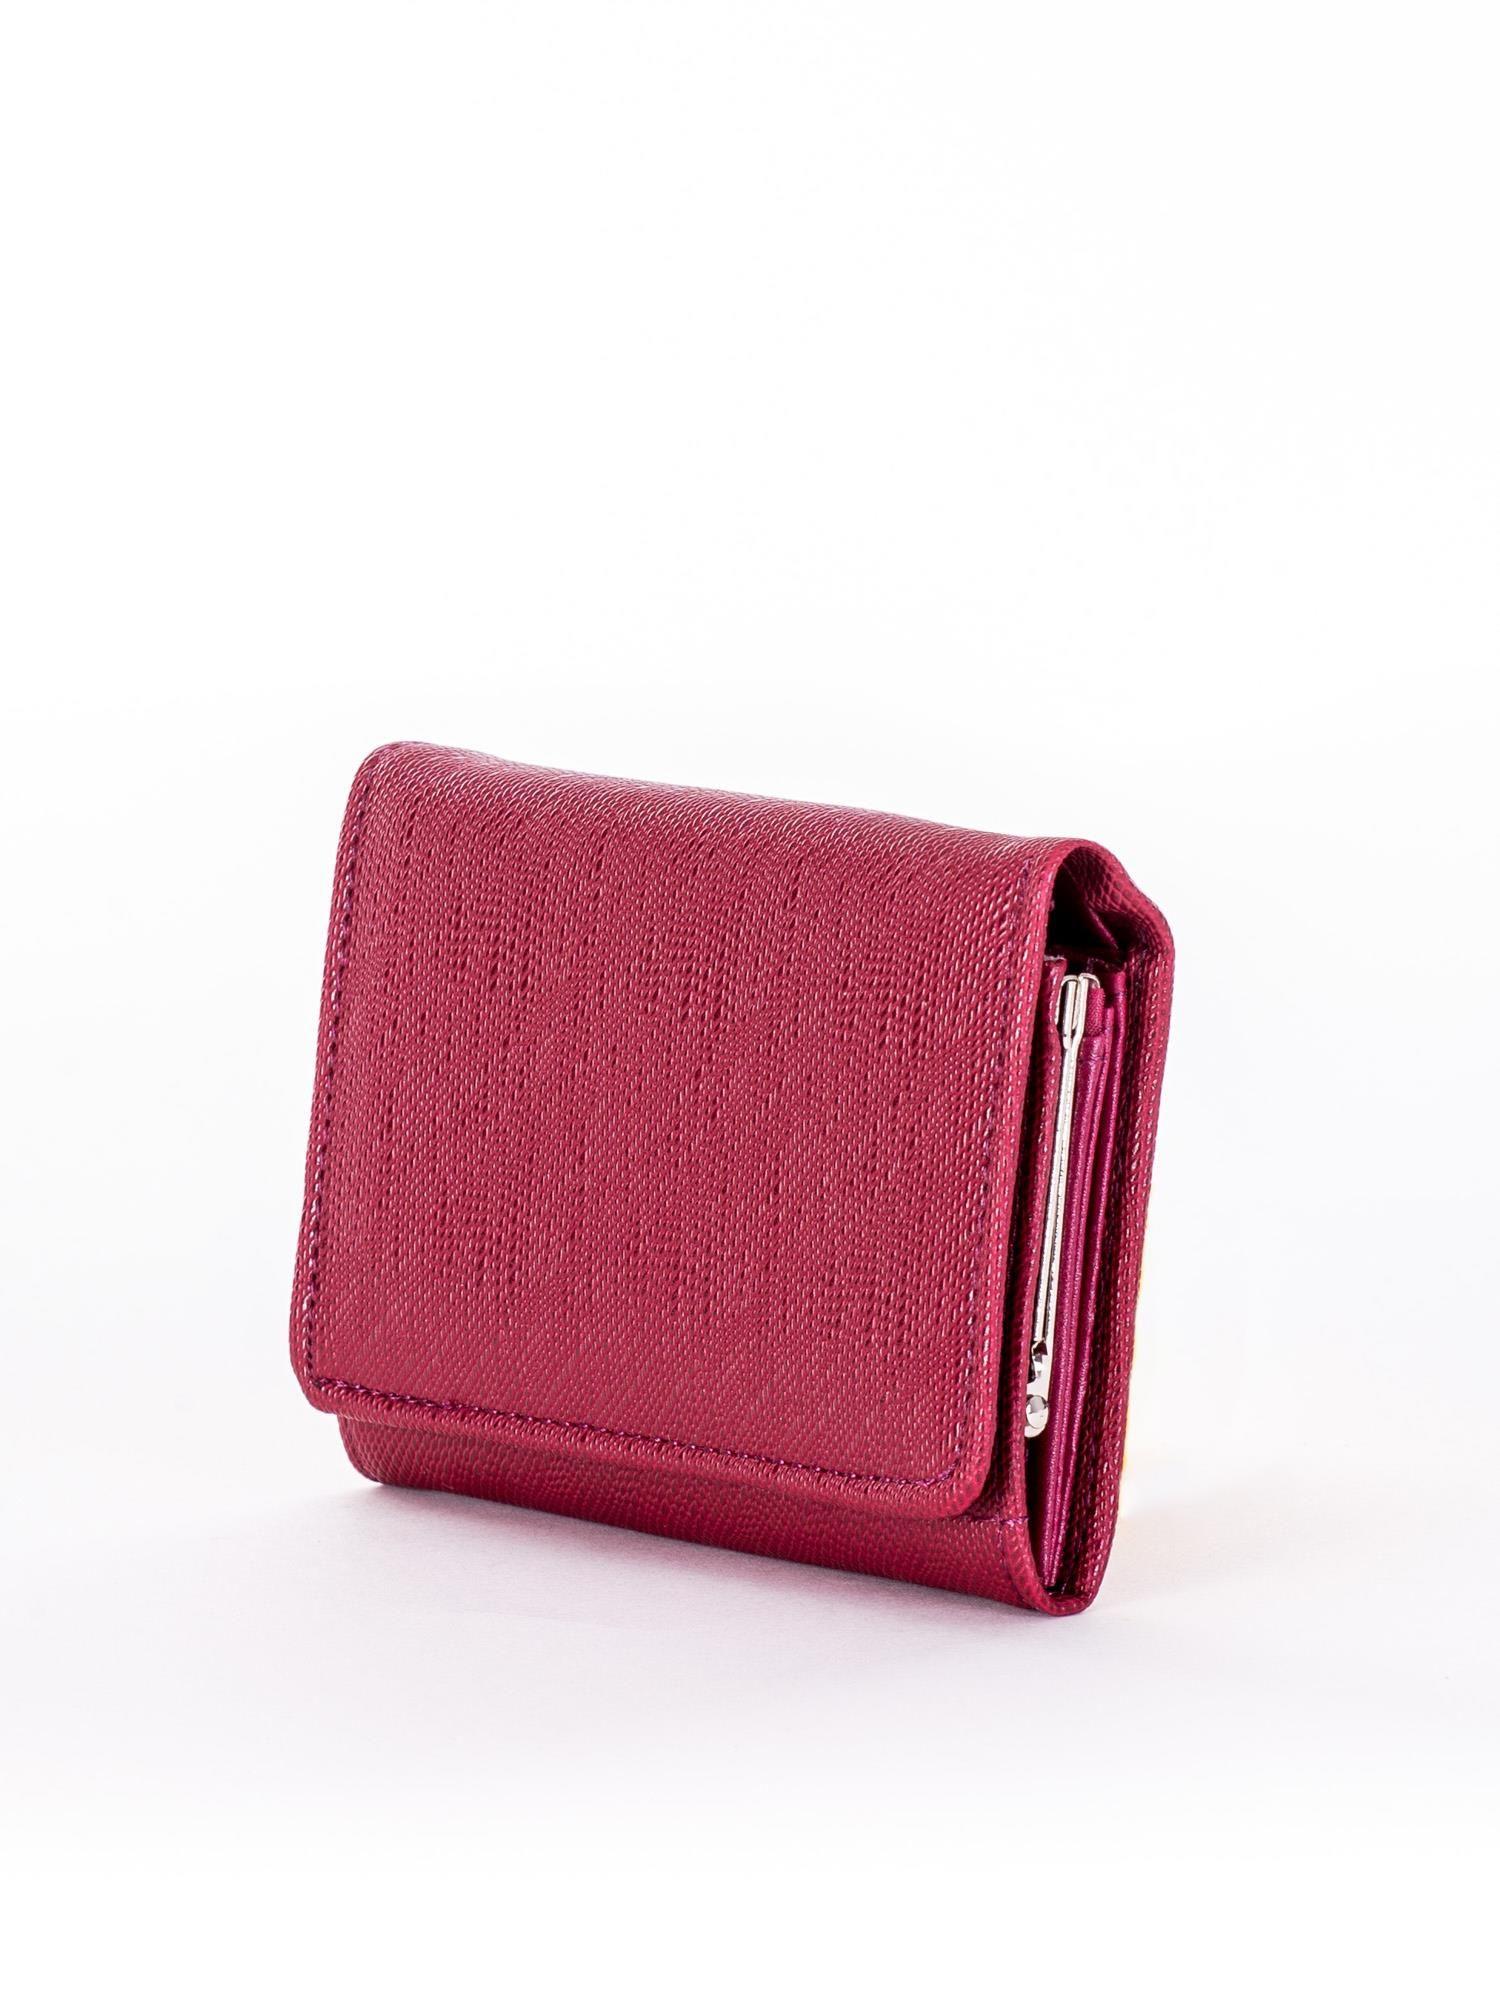 5442bcc214012 Ciemnobordowy portfel damski zapinany na zatrzask - Akcesoria portfele -  sklep eButik.pl